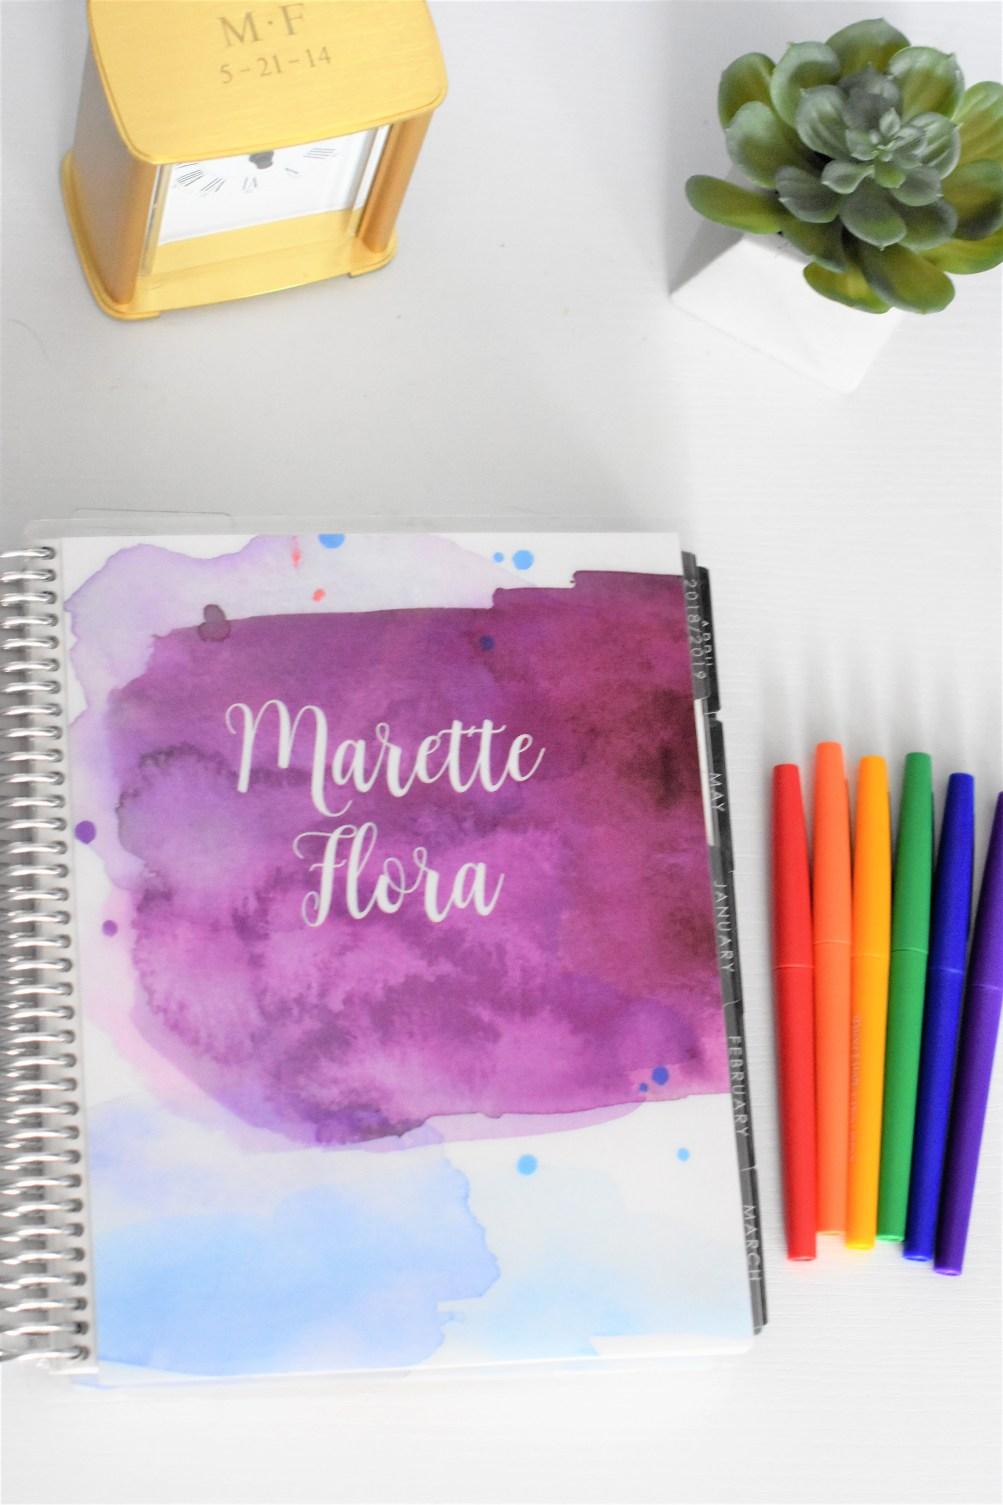 Erin Condren Planner and Pens